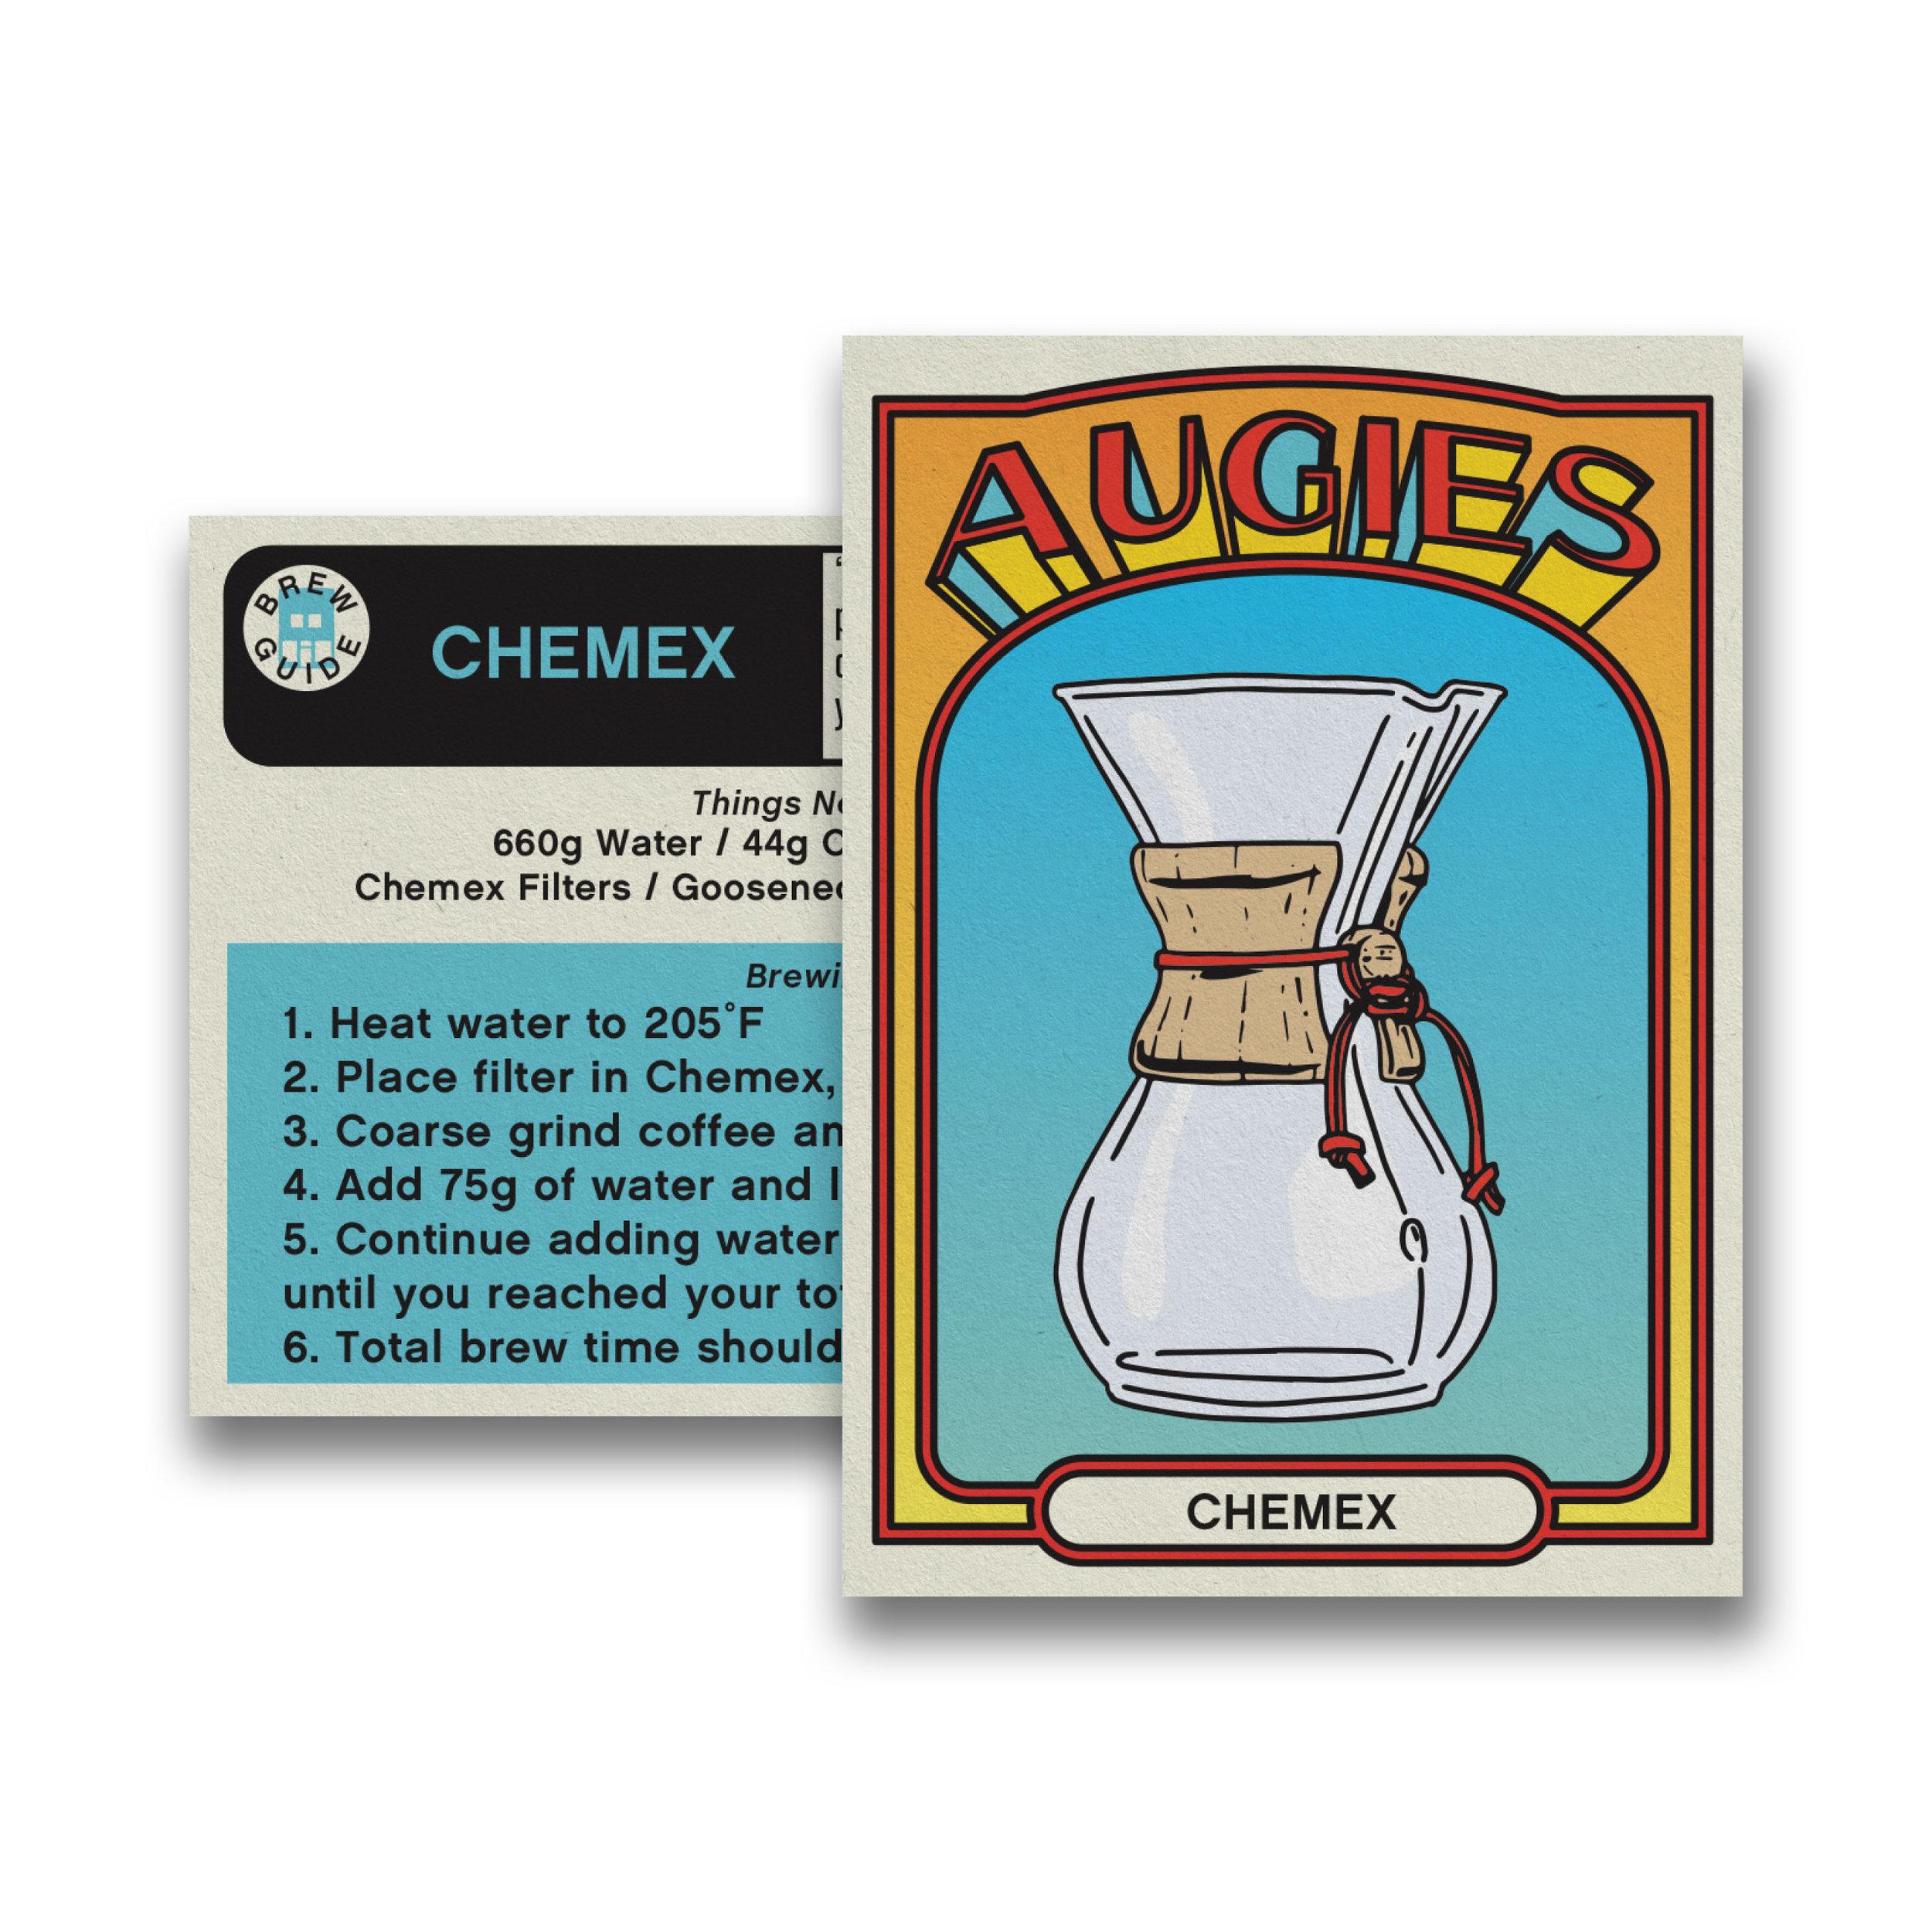 Augies-BrewCardsMock-0517192.jpg